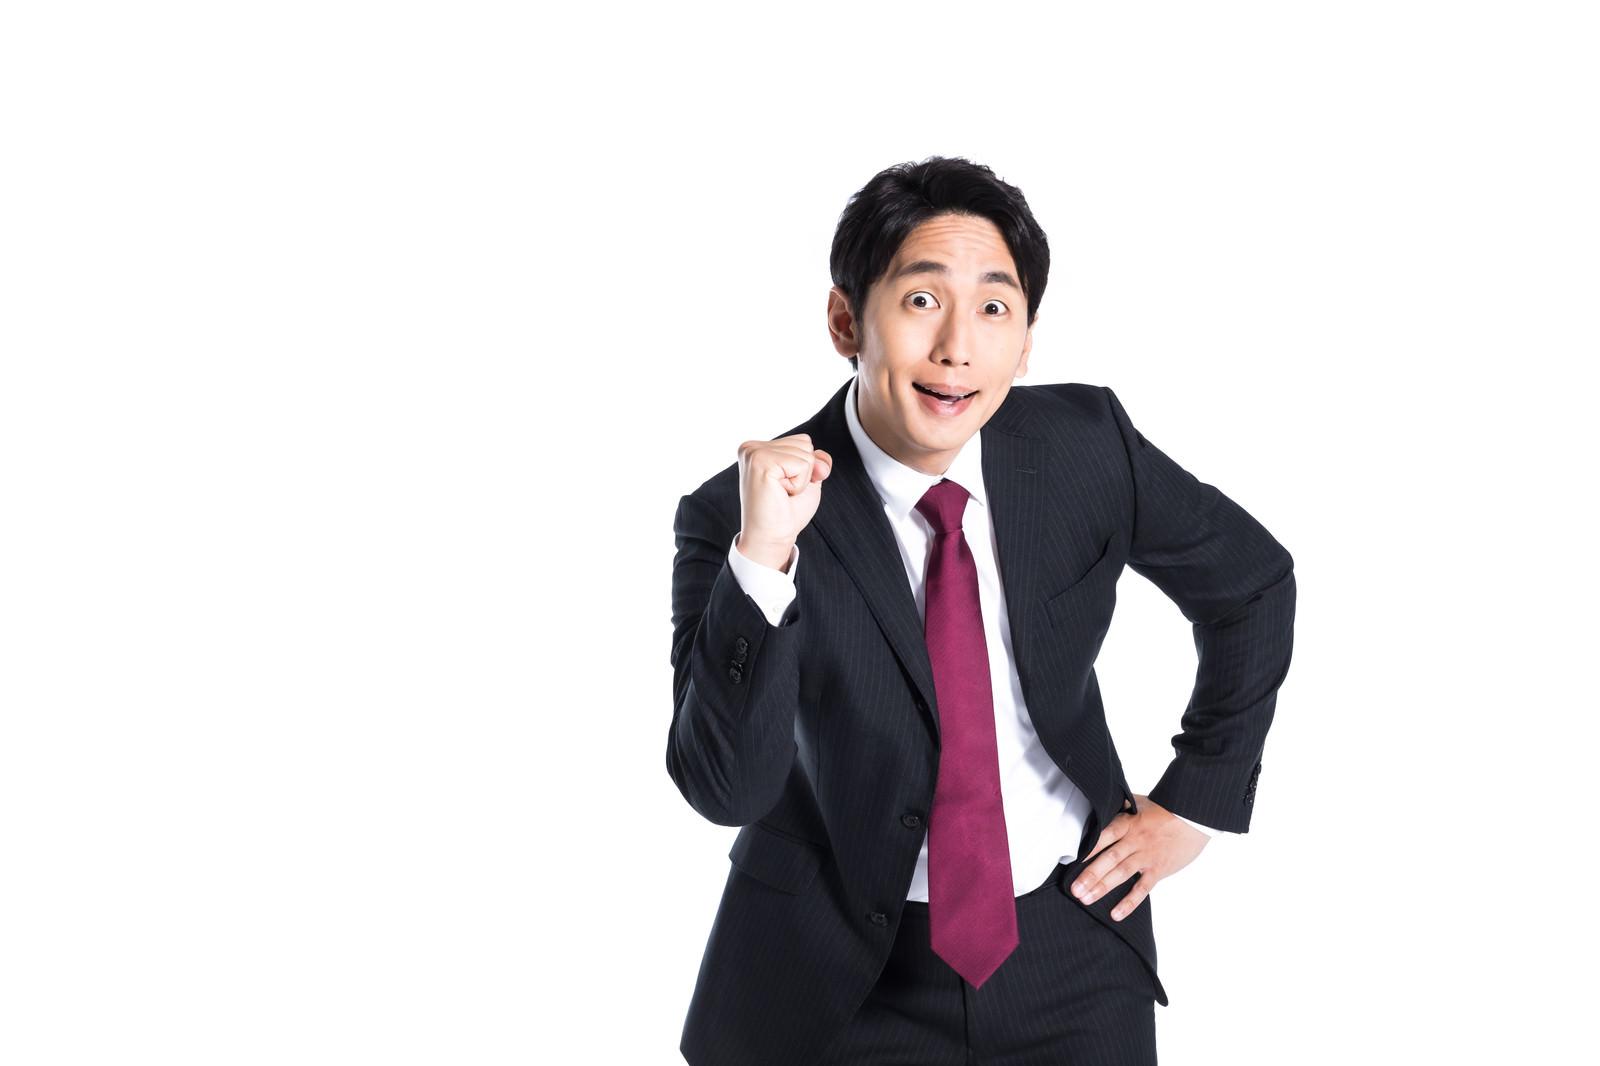 「朝活でイキっちゃう系社員」の写真[モデル:大川竜弥]